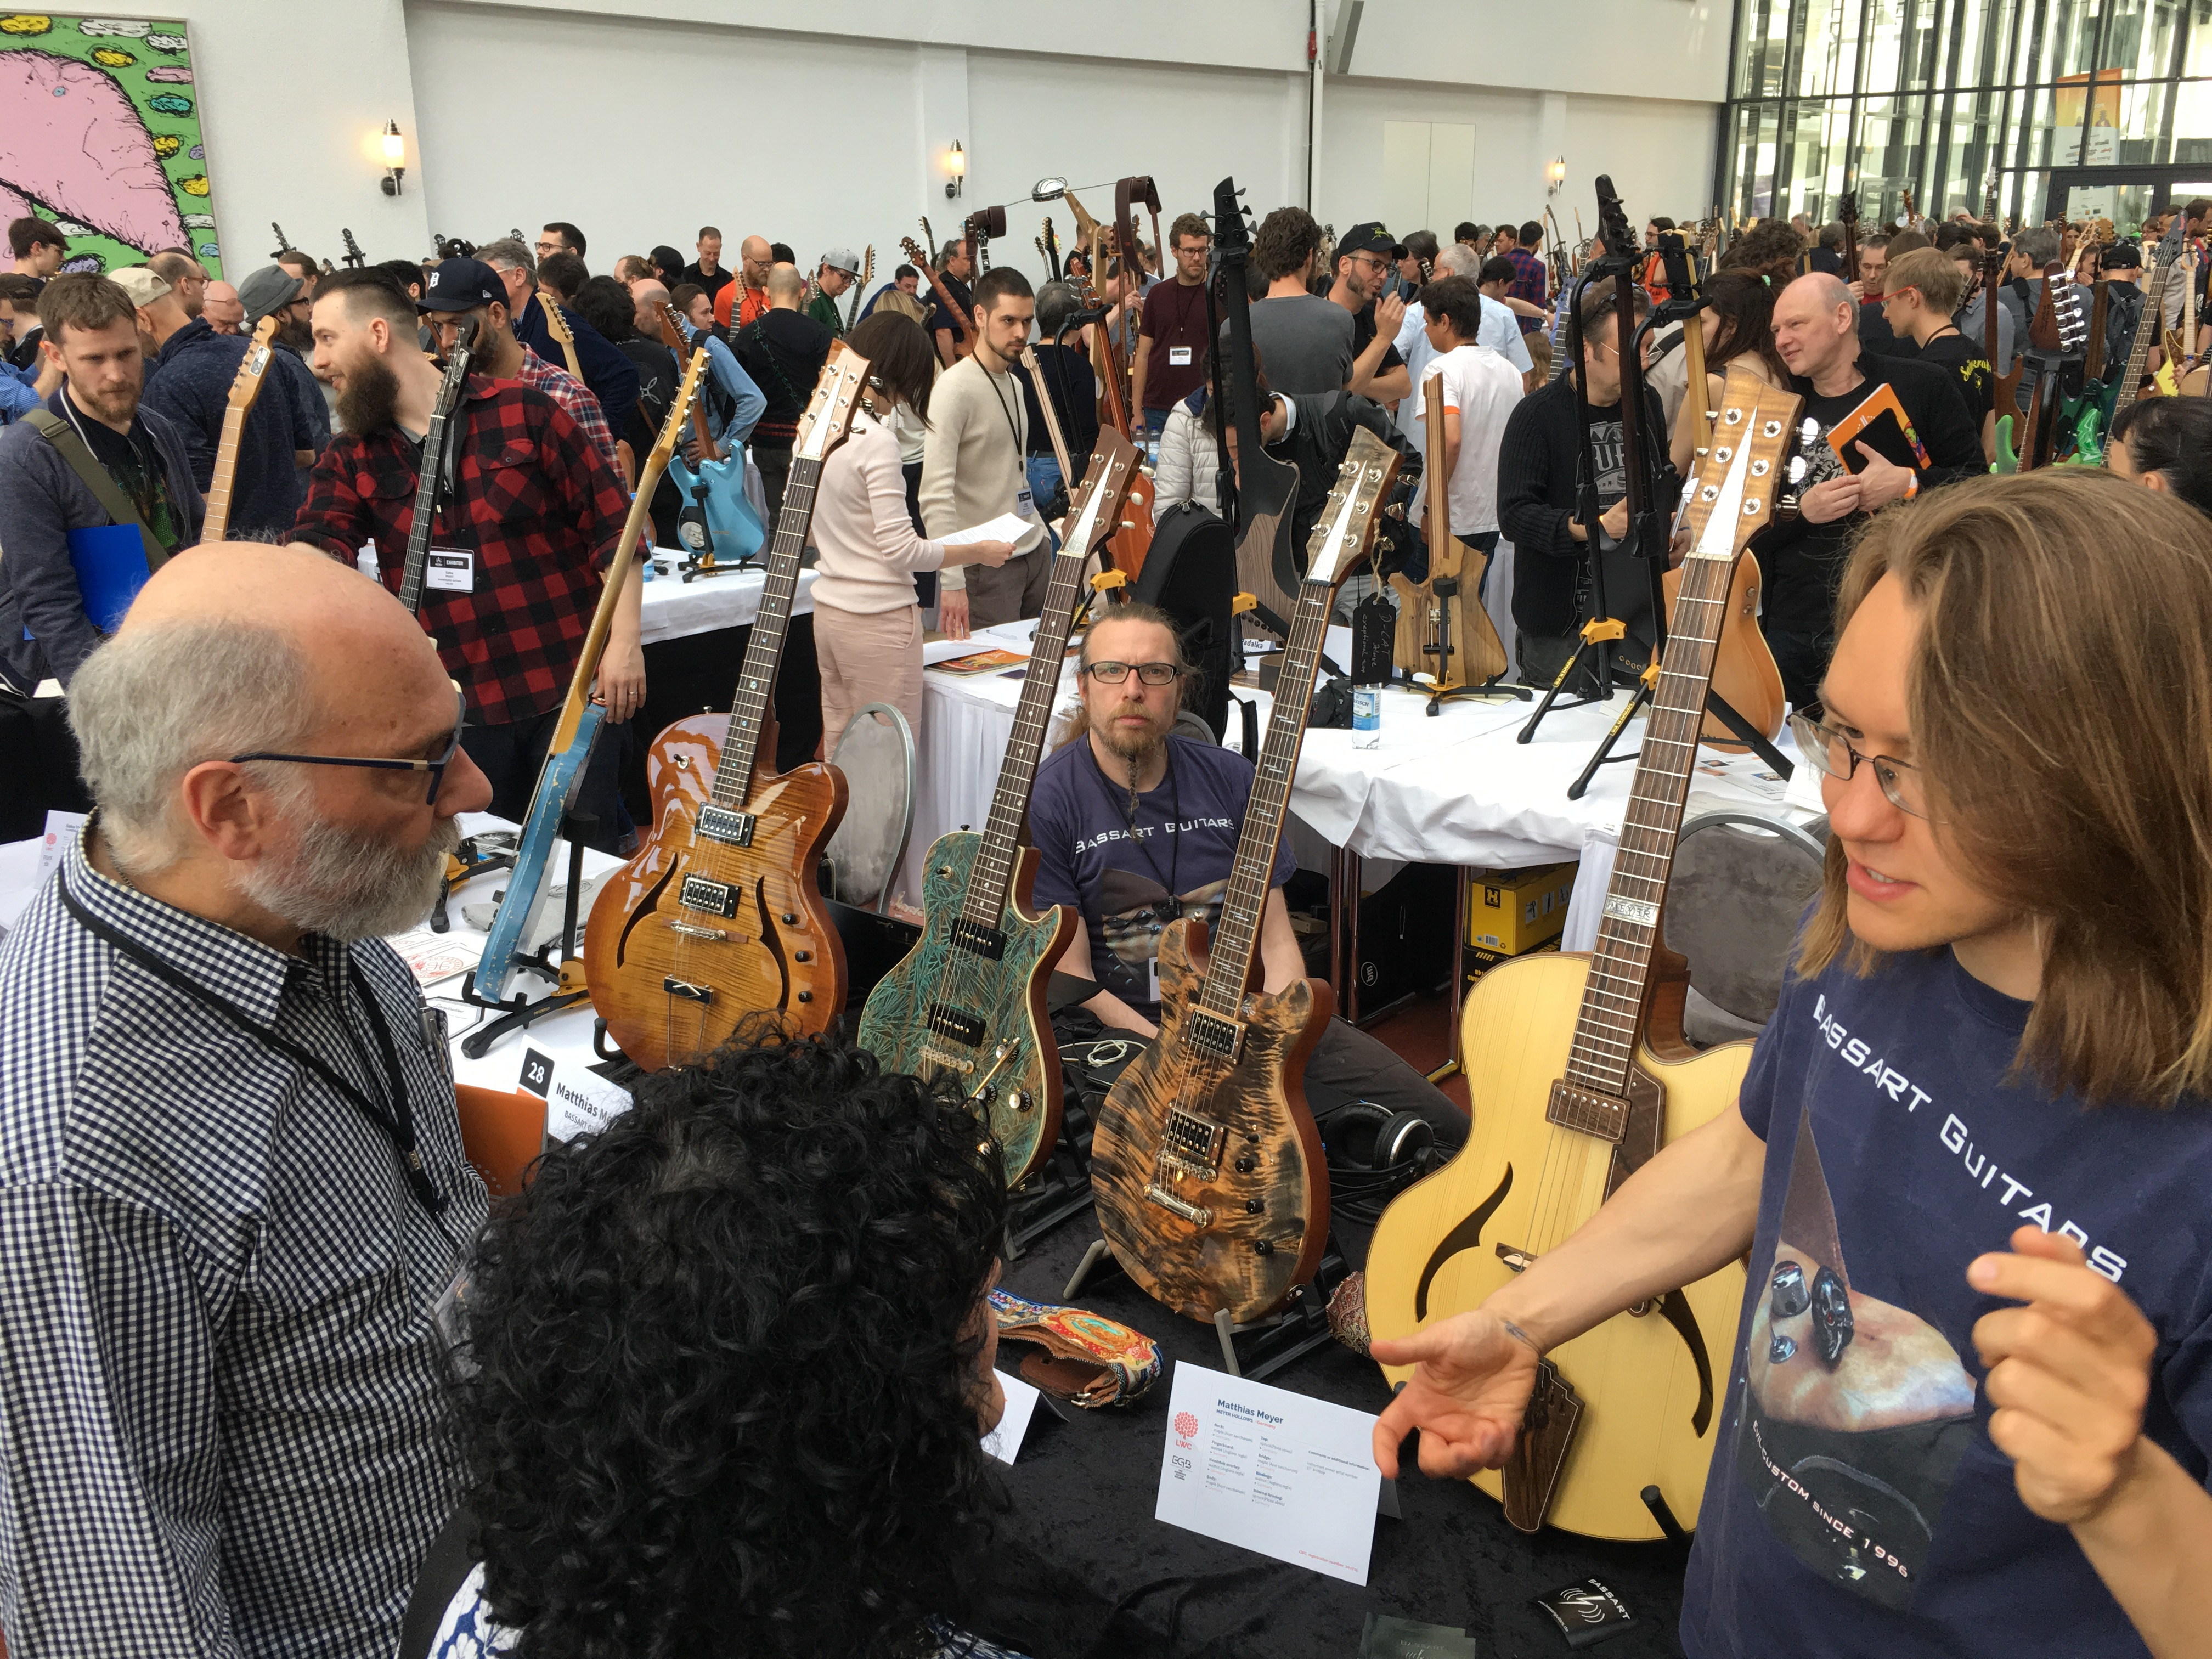 Holy Grail Guitar Show 2018 - Interviews de luthiers - Partie 2/2